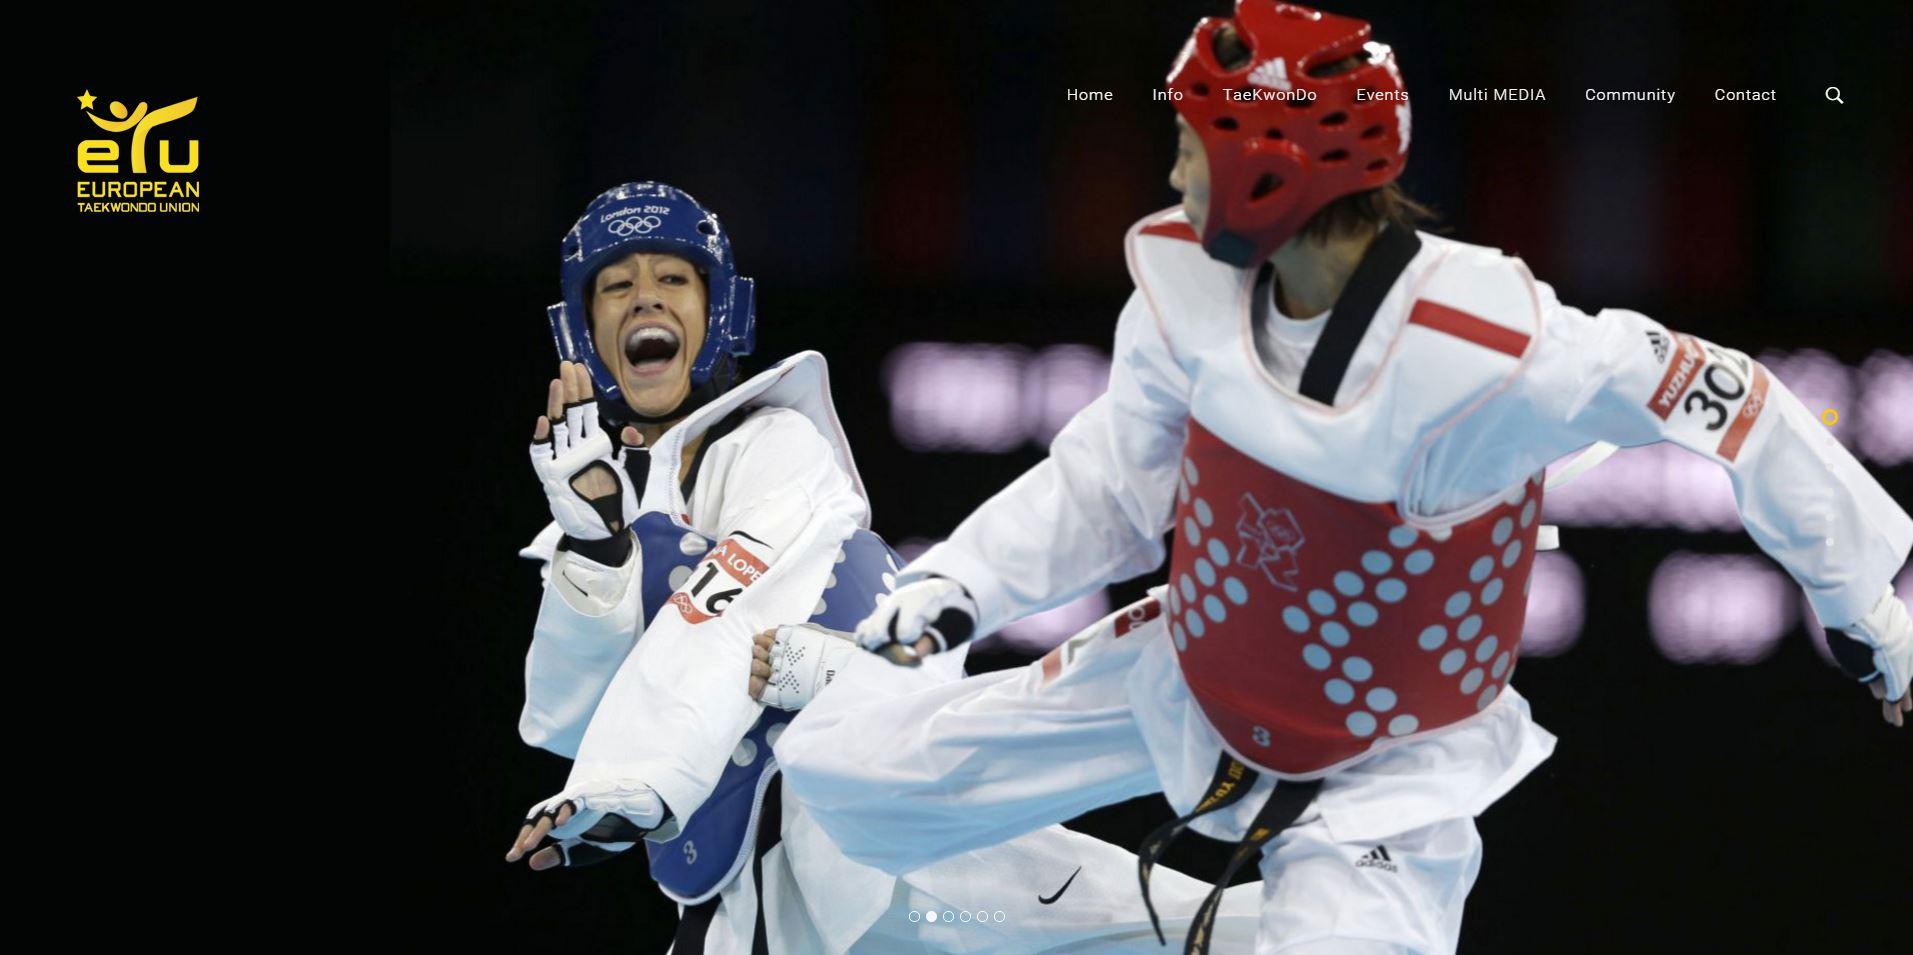 etu-european -union taekwondo-new site